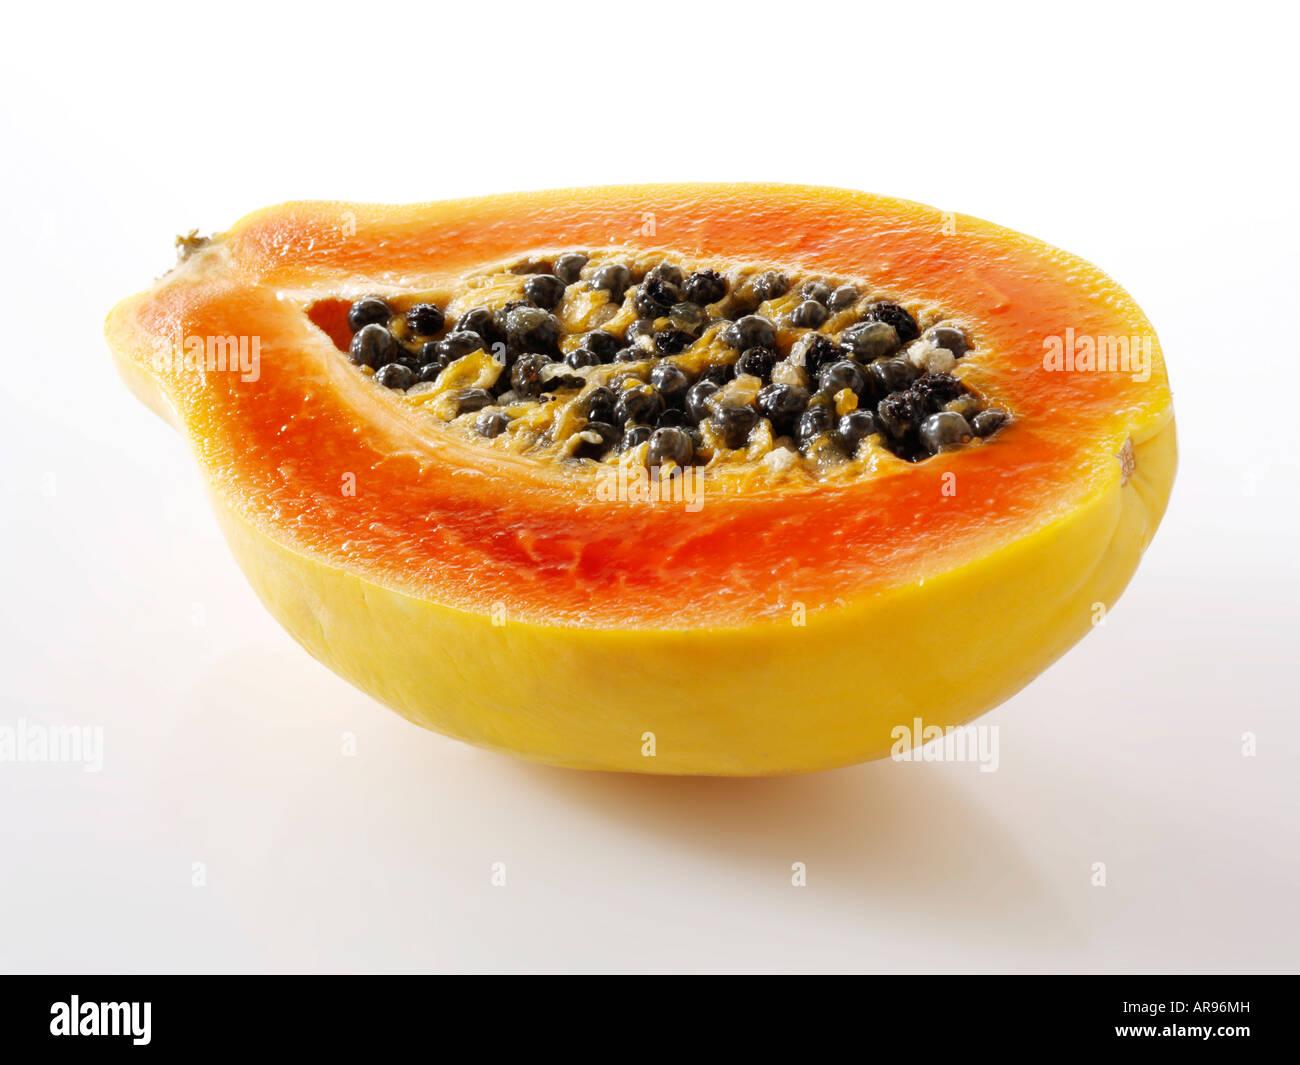 Frutas tropicales papaya cortada por la mitad contra un fondo blanco como un recorte Imagen De Stock